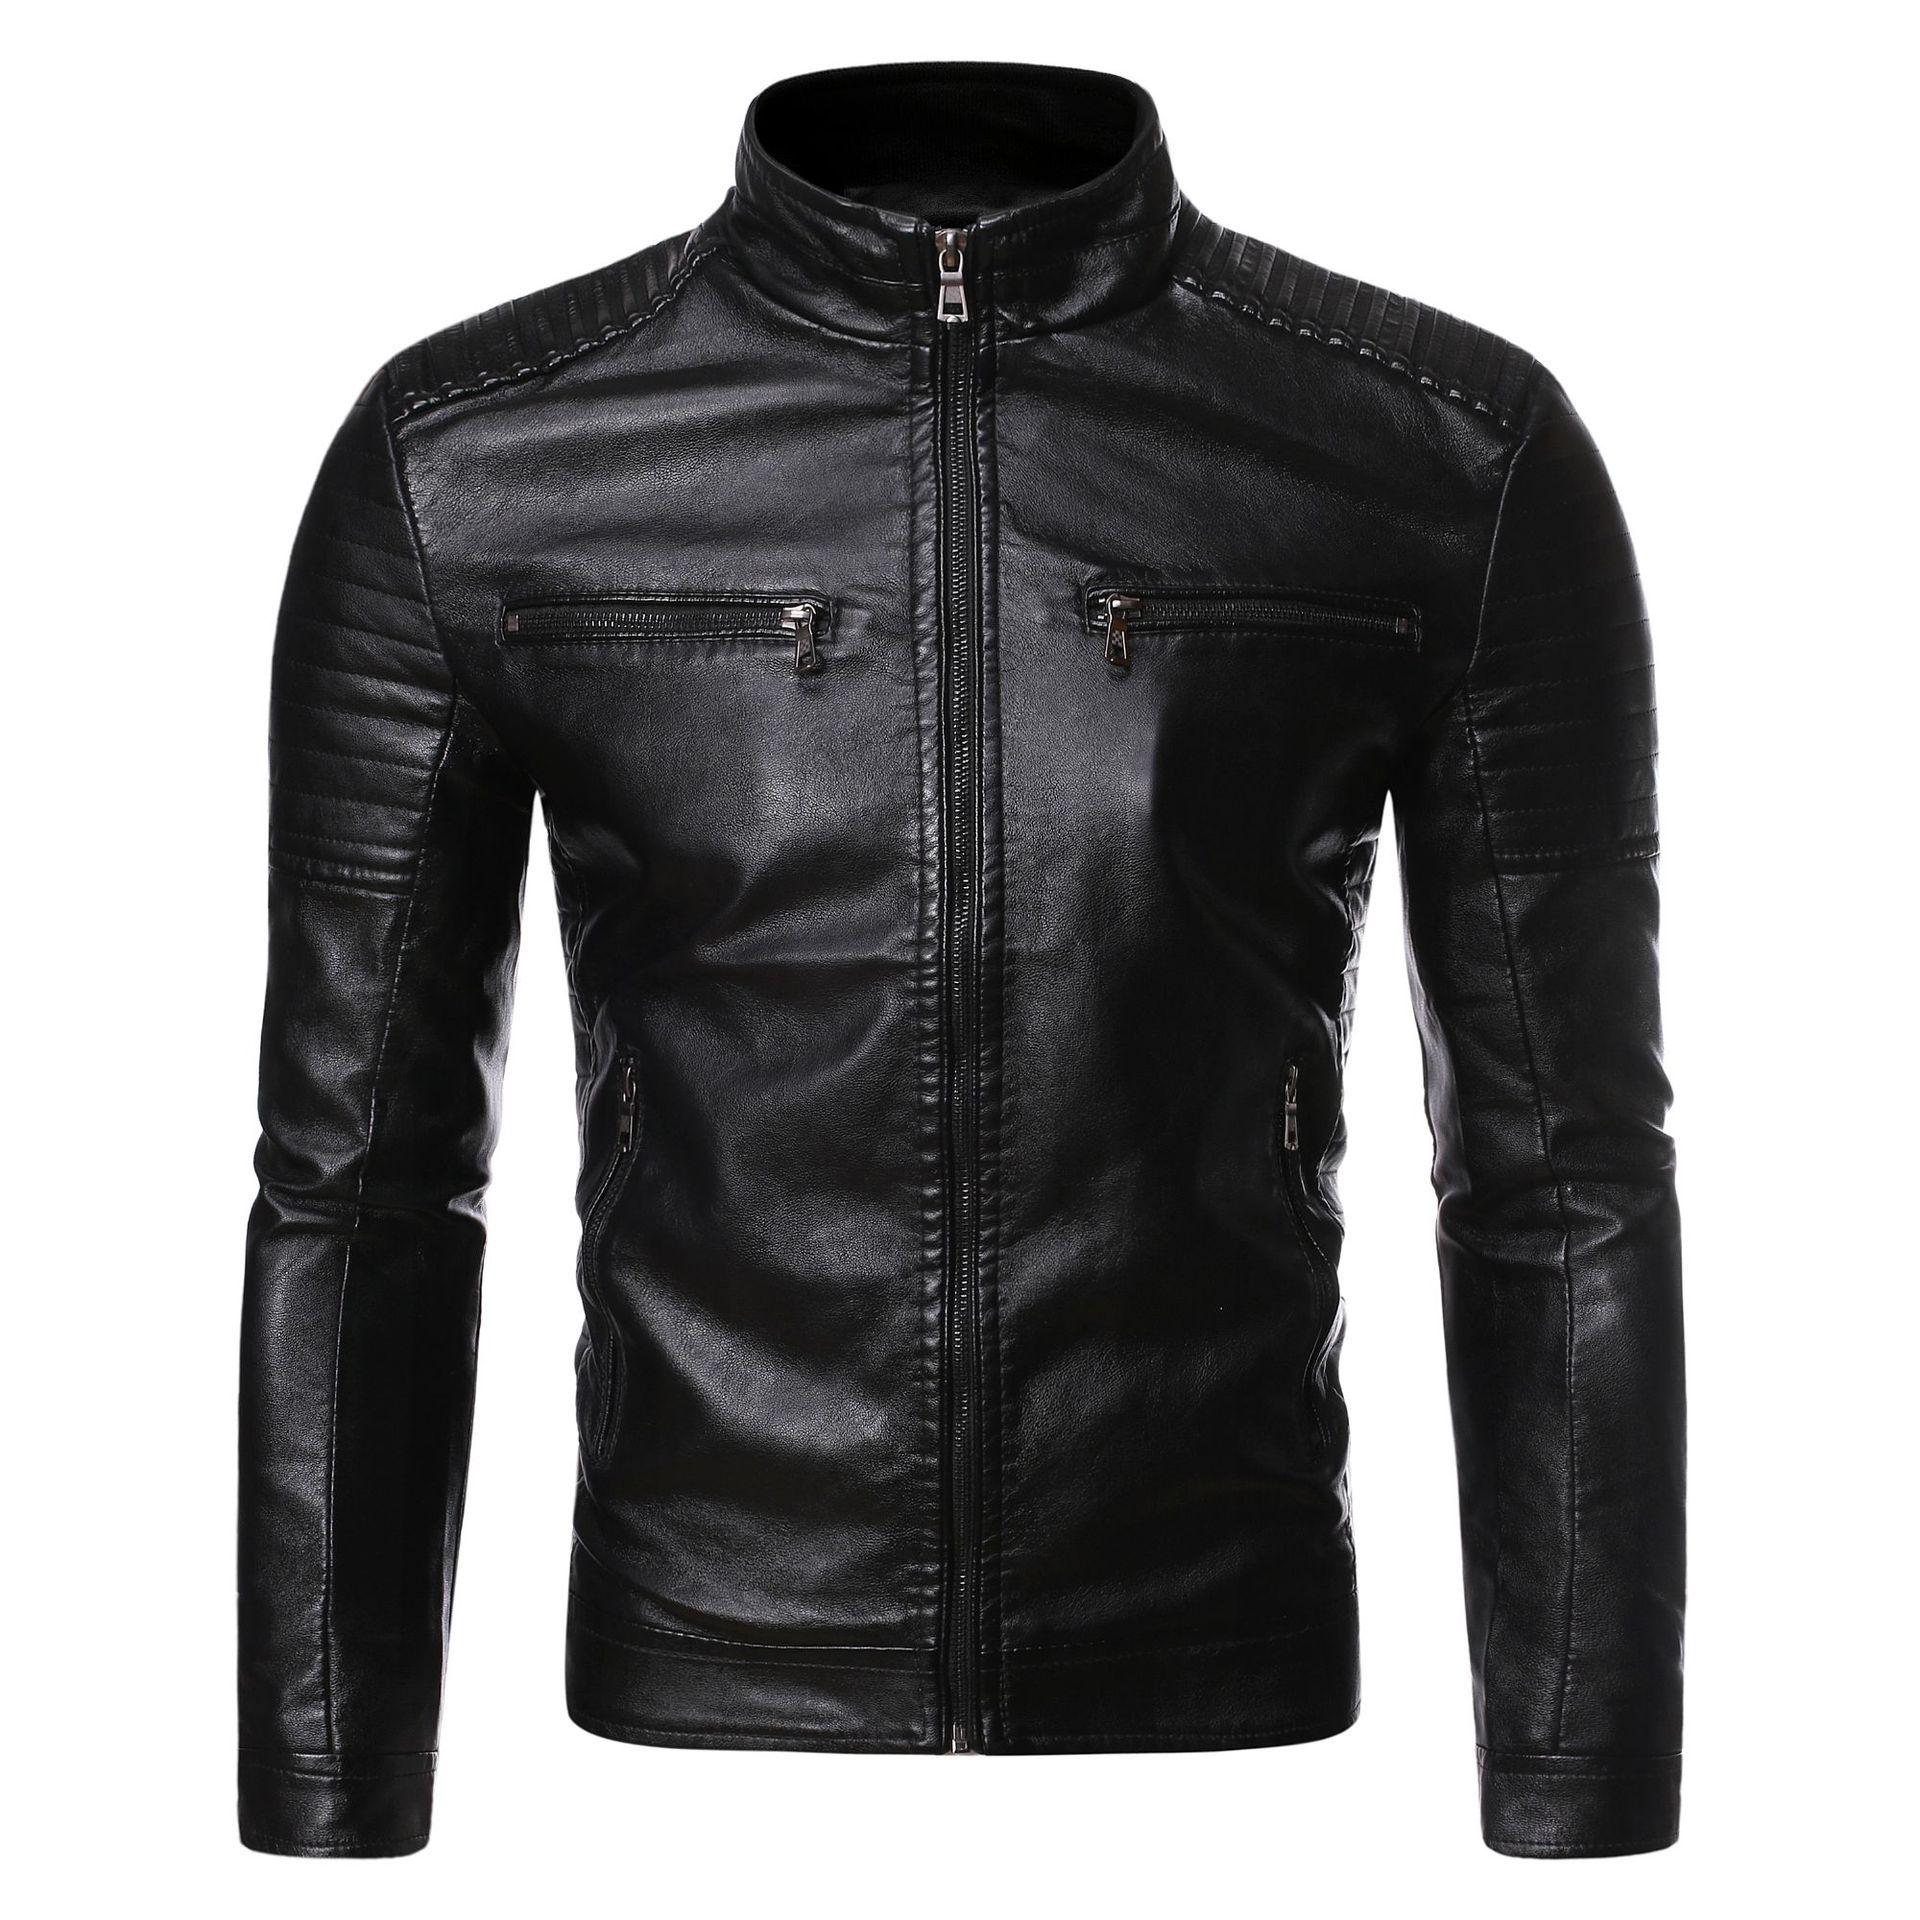 Negizber Kış Deri Ceket Erkekler Katı Slim Fit Erkek Ceket Ve Ceketler Kalın Polar Yün Ceket Erkekler Sıcak Dış Giyim Mont